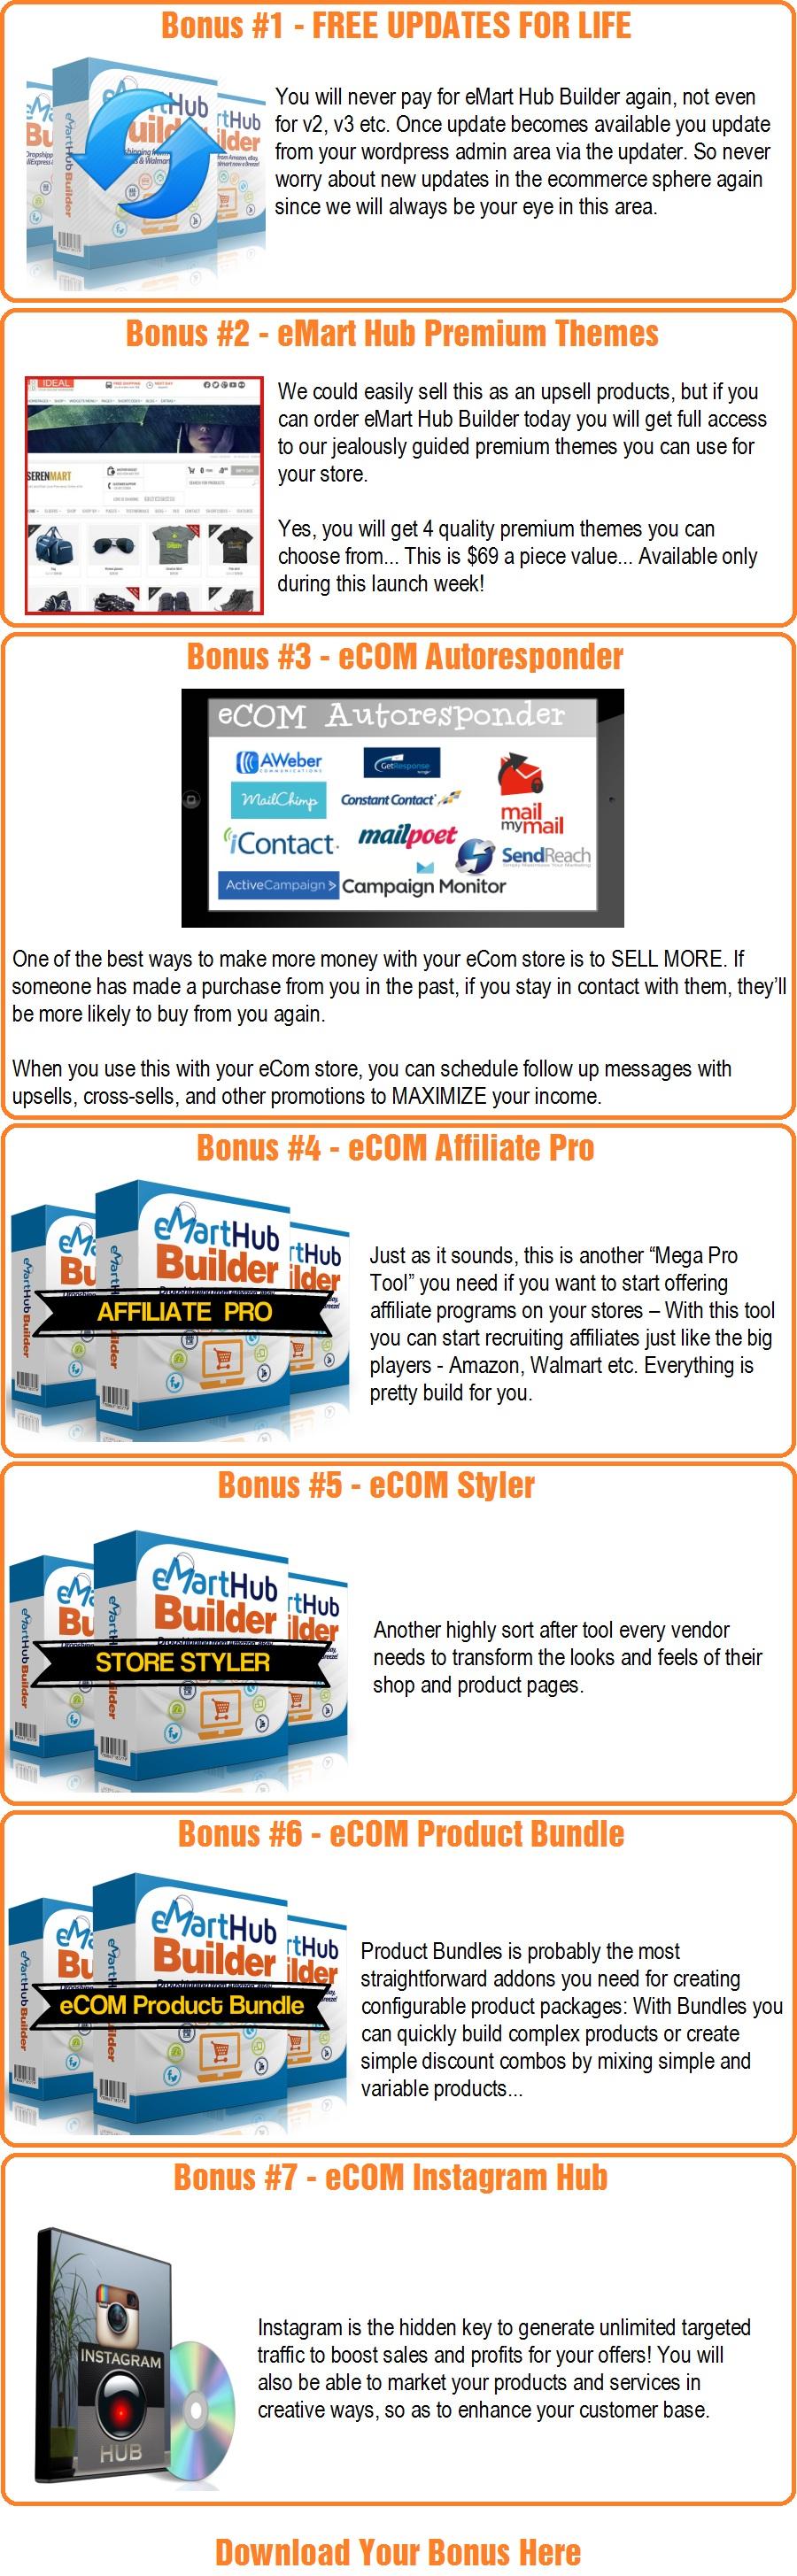 emart-hub-builder-bonus